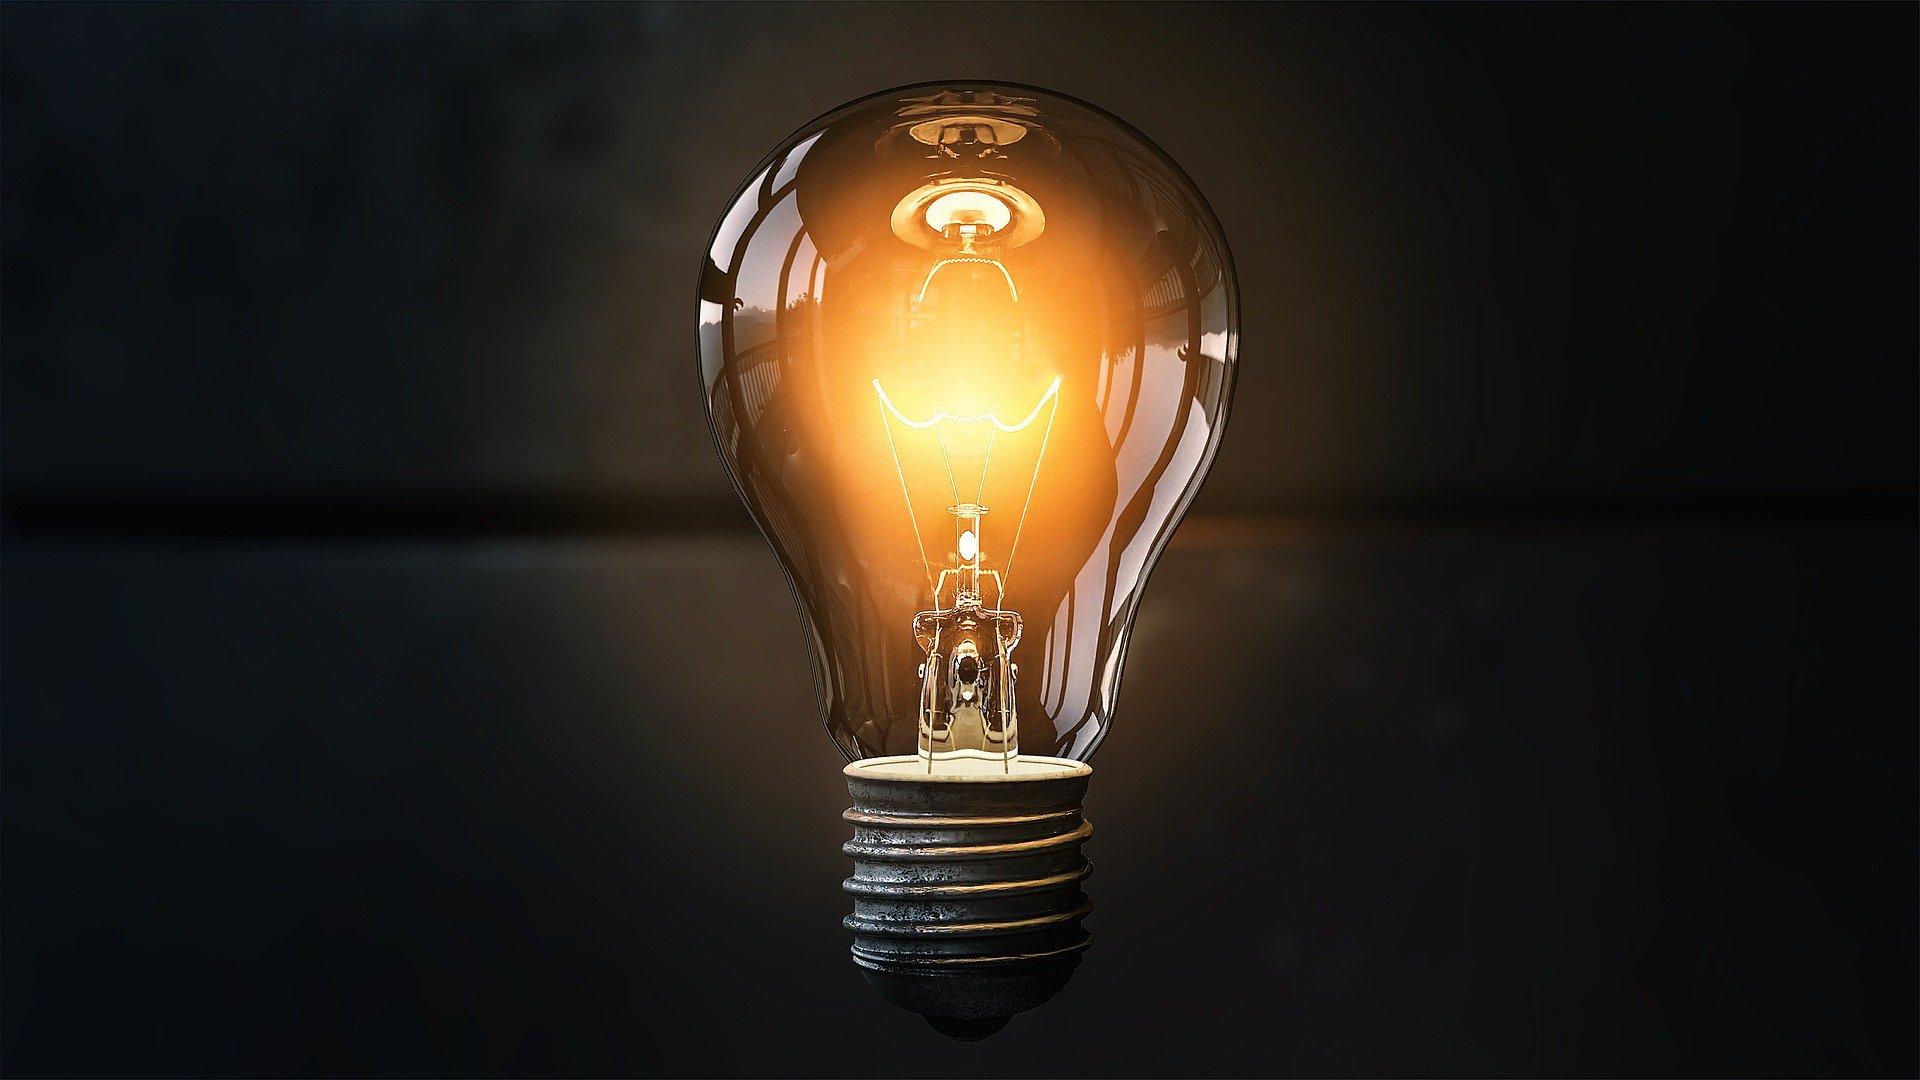 Frische Inspiration für 2020! Das Praxishandbuch Customer Experience, Customer Service und Employee Experience